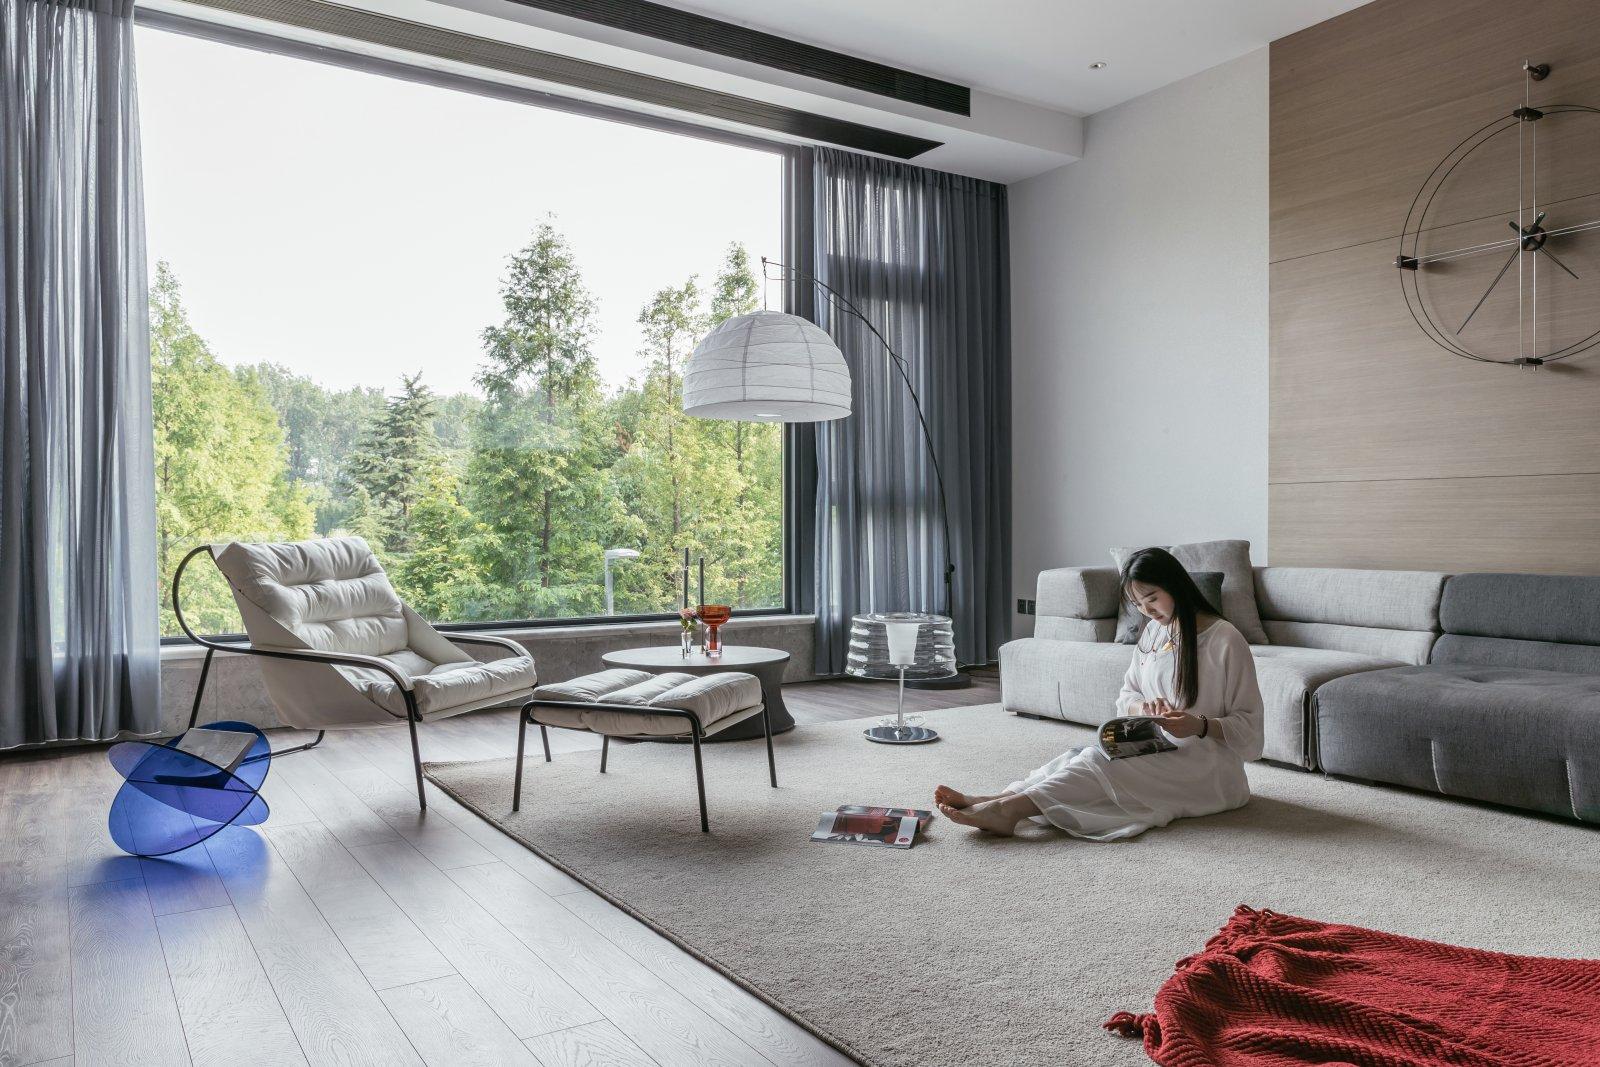 380㎡温馨别墅透露着怡然而惬意| M&Q集设集空间规划